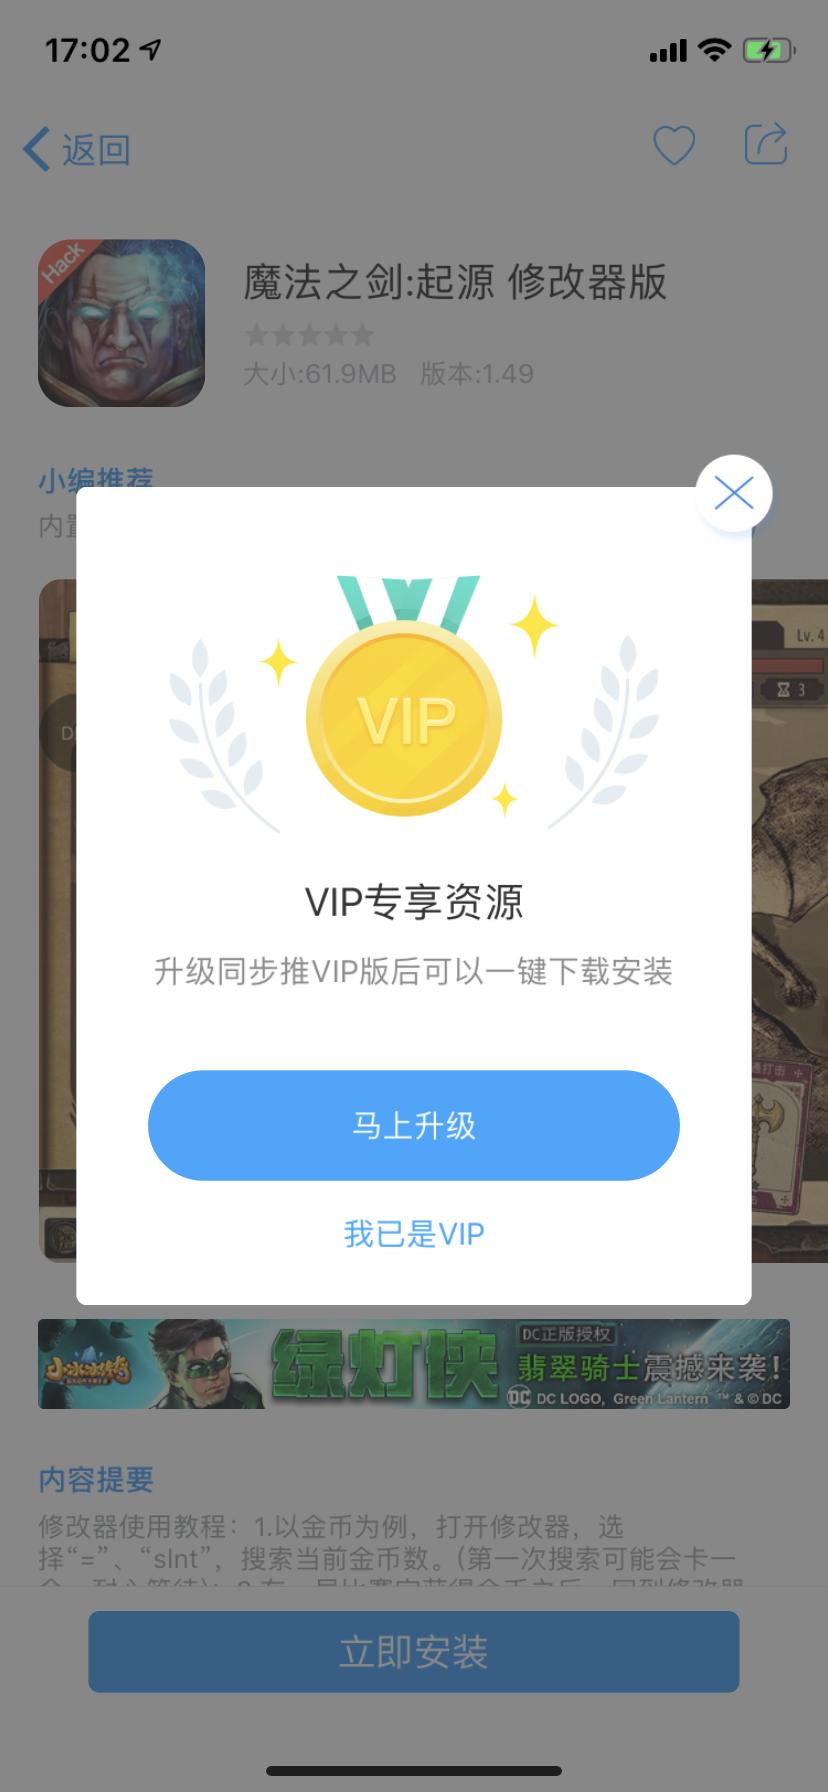 同步推VIP用户又被提示升级VIP?去官网重新下载安装即可